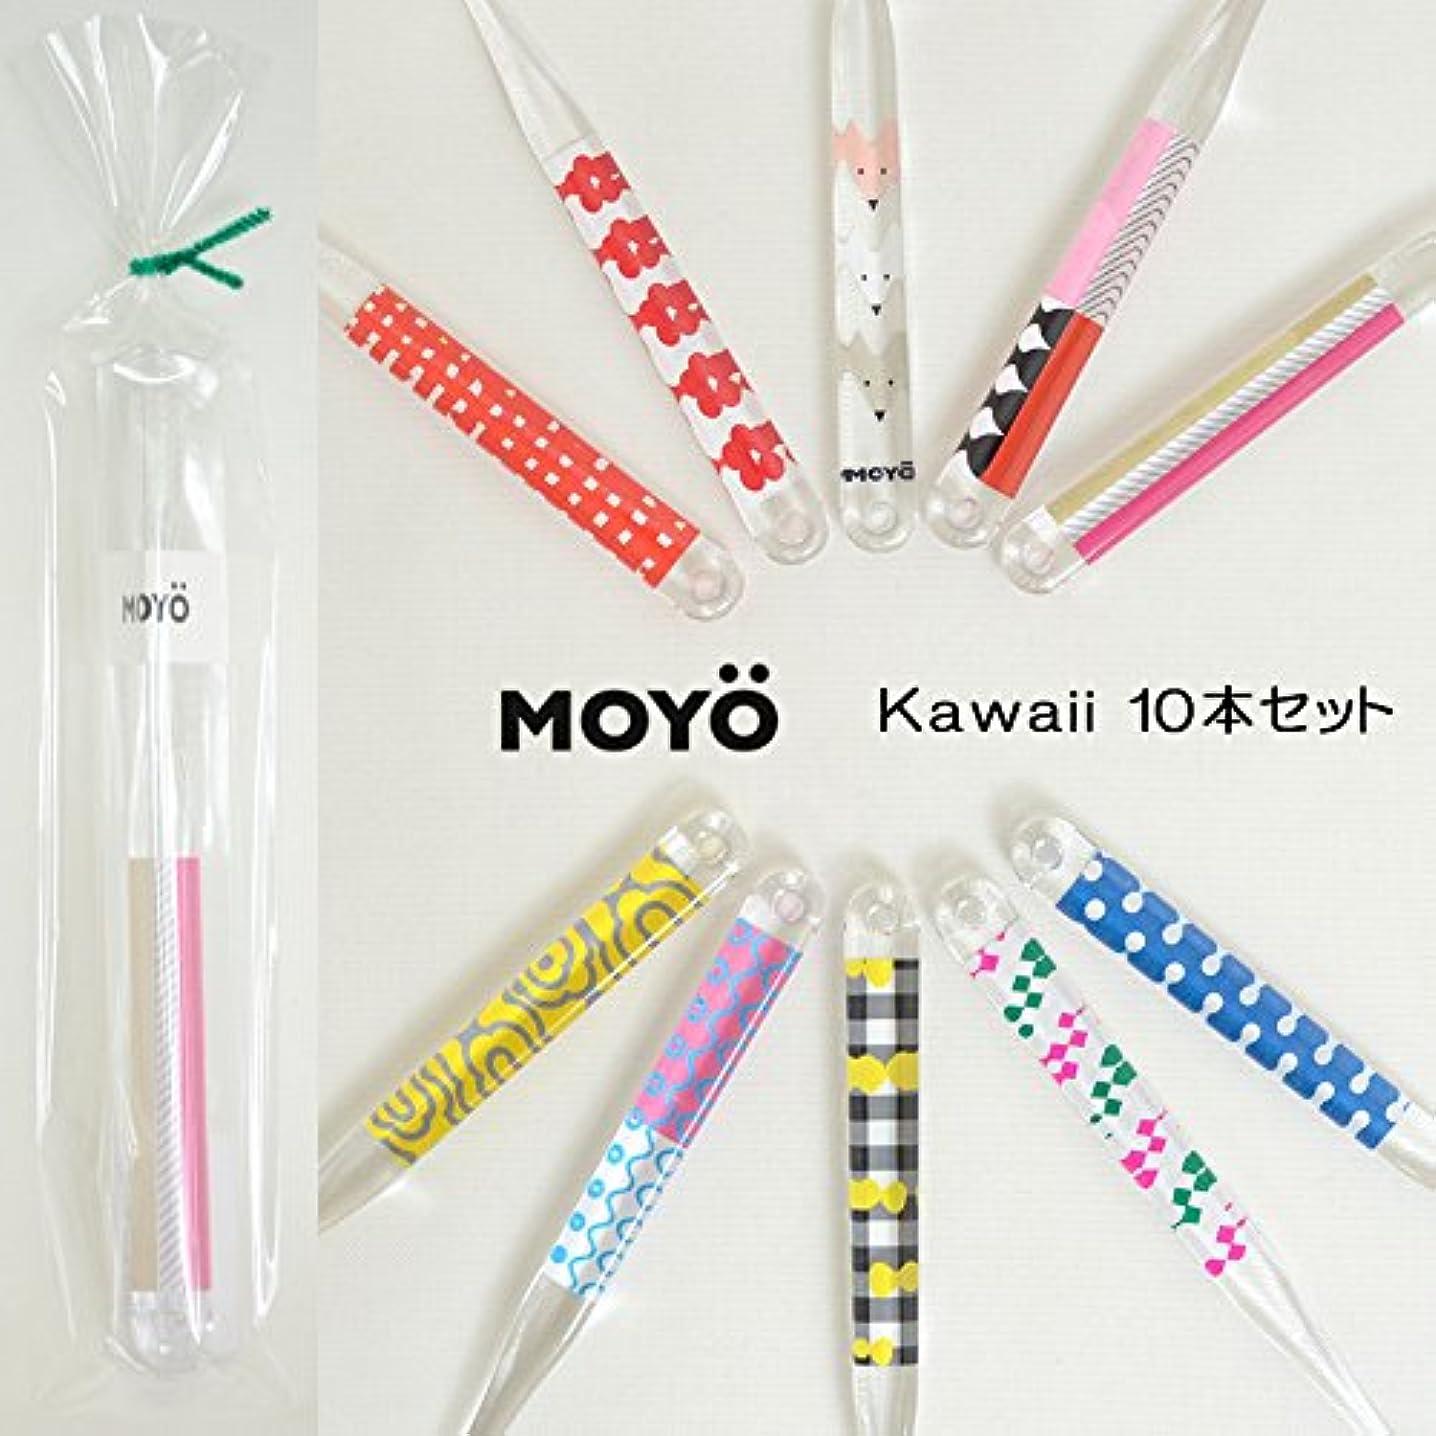 給料ファーザーファージュ幸運なことにMOYO モヨウ kawaii10本 プチ ギフト セット_562302-kawaii2 【F】,kawaii10本セット